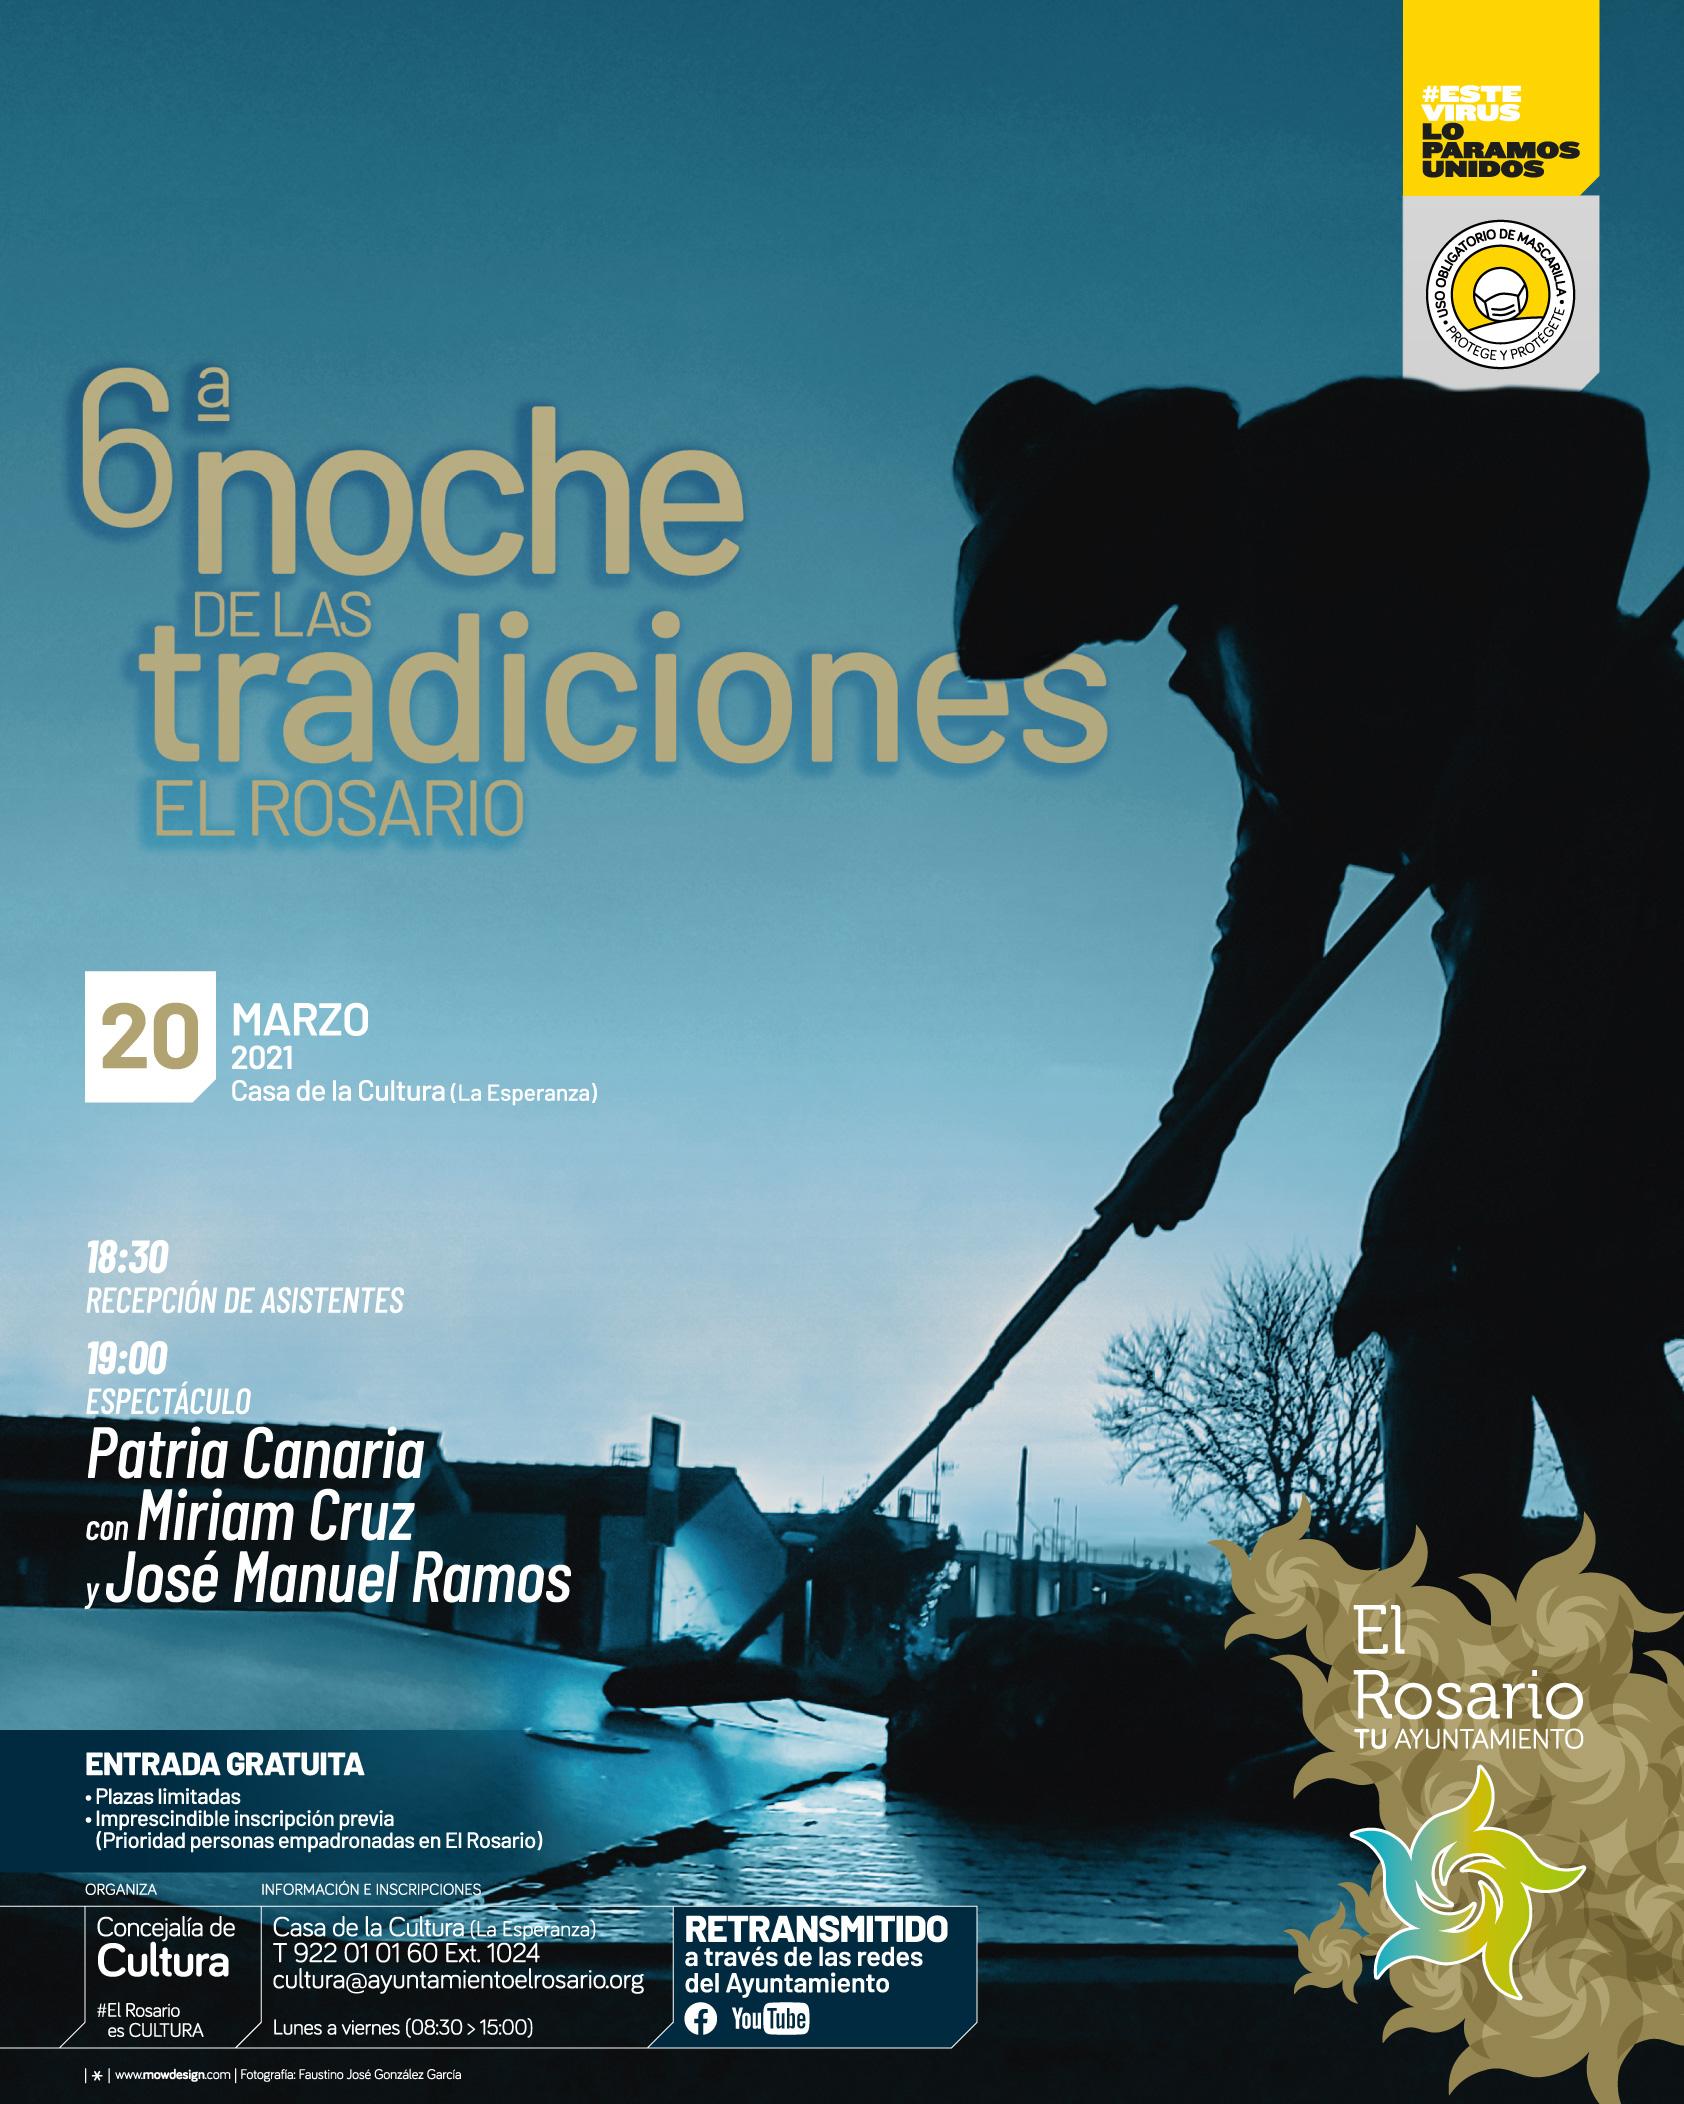 NOCHE_TRADICIONES-20210320-CARTEL_A3-20210311-01af-redes